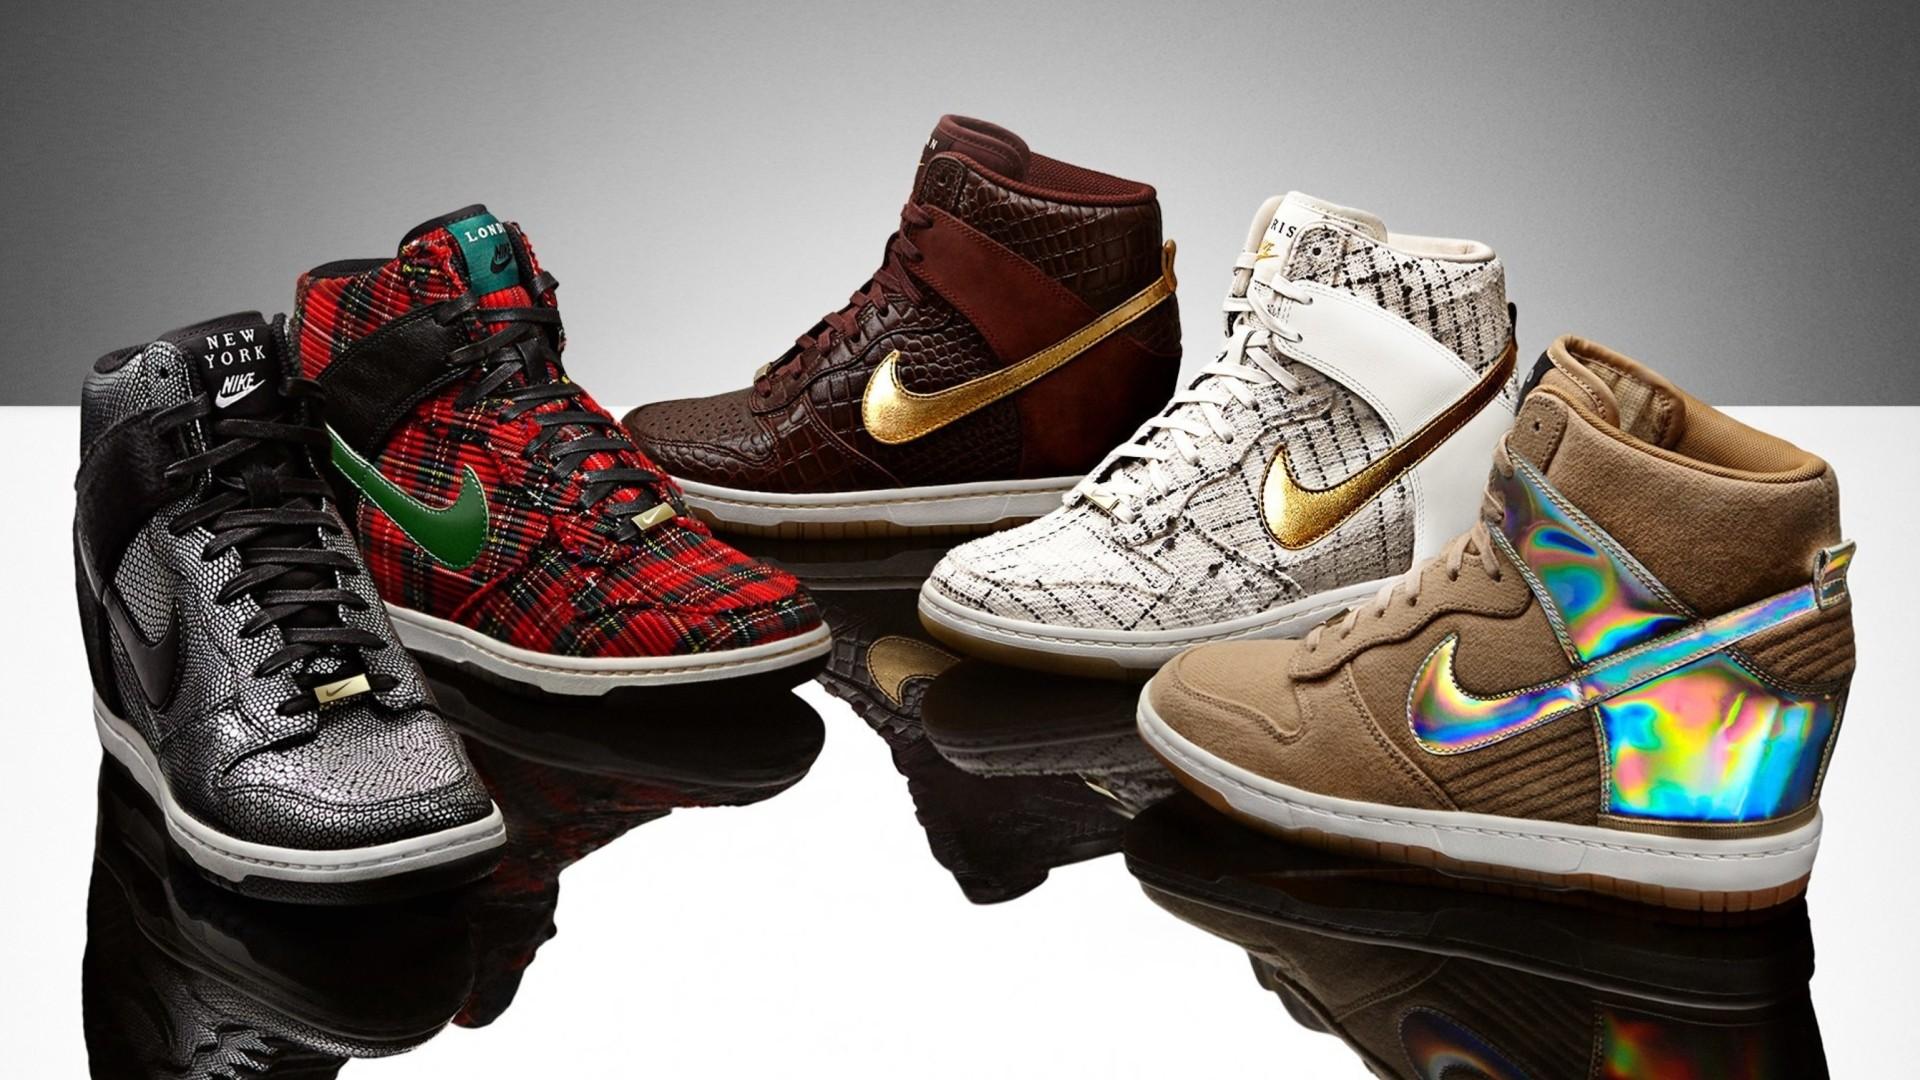 Shoes Wallpaper theme